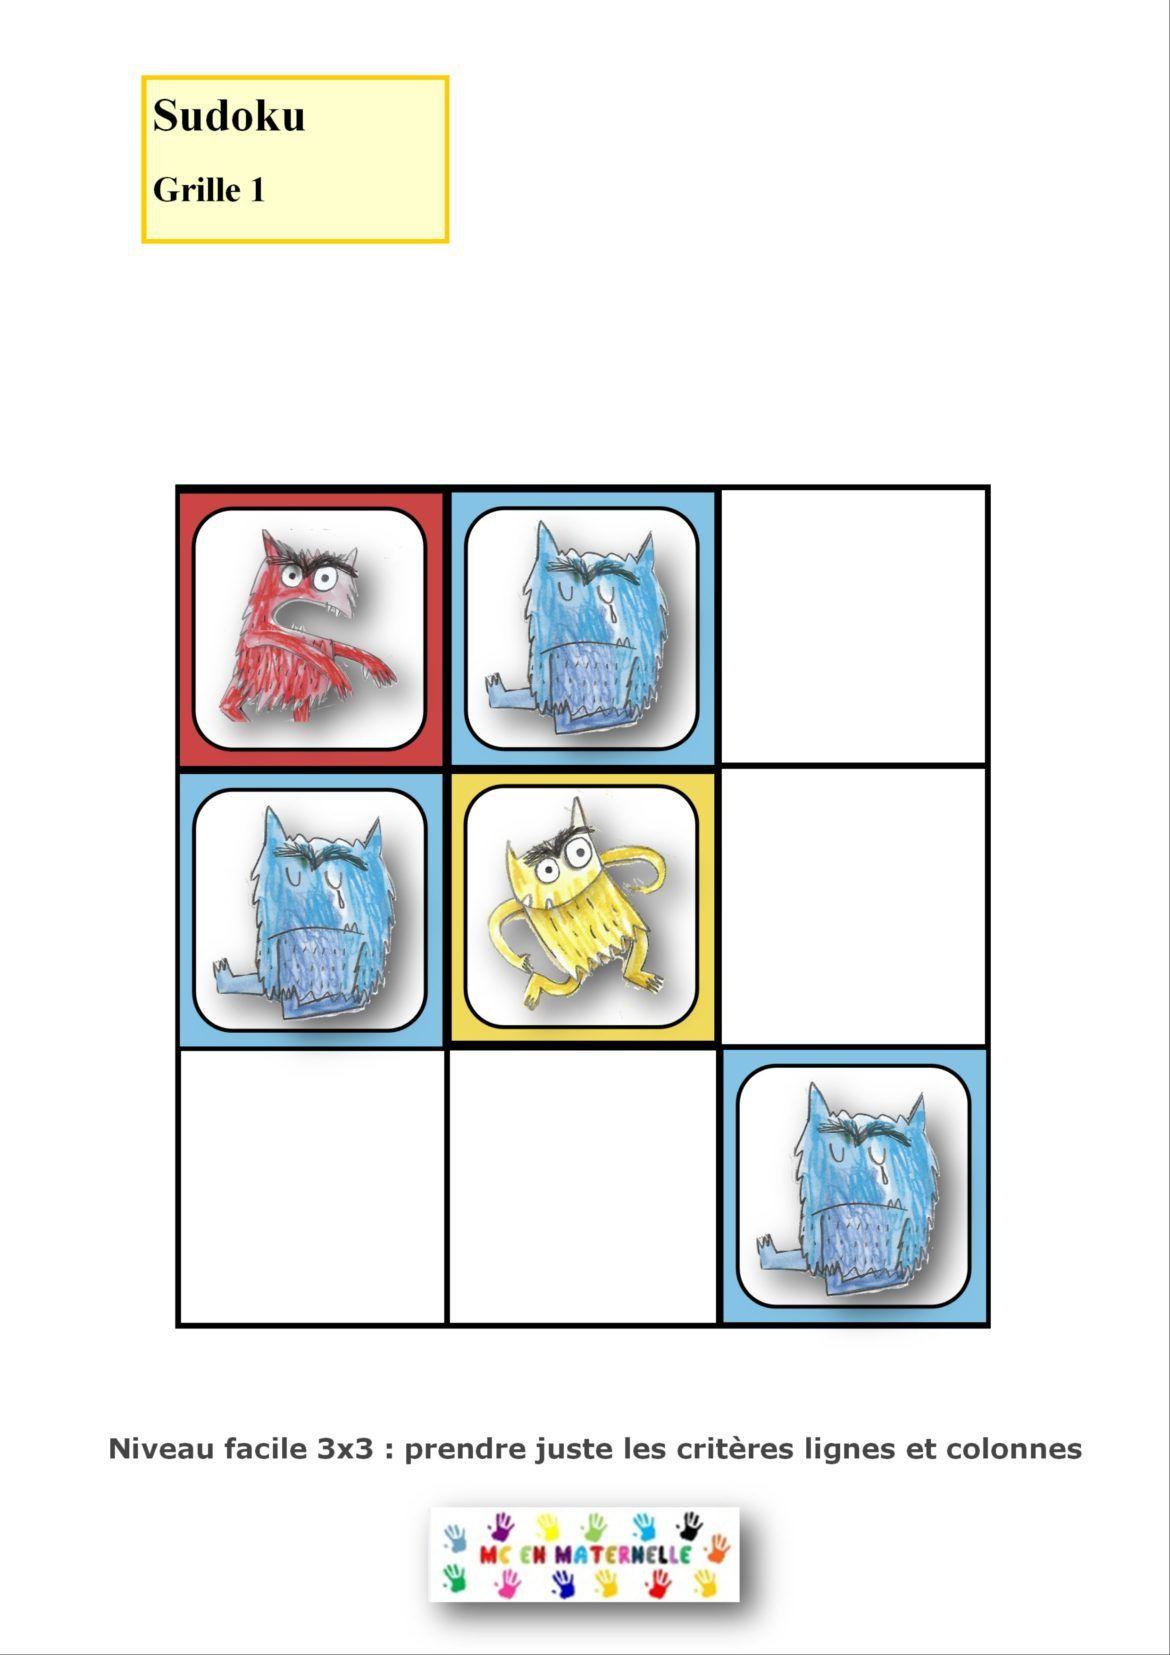 La Couleur Des Émotions : Sudoku (2 Niveaux) | La Couleur encequiconcerne Sudoku Vierge